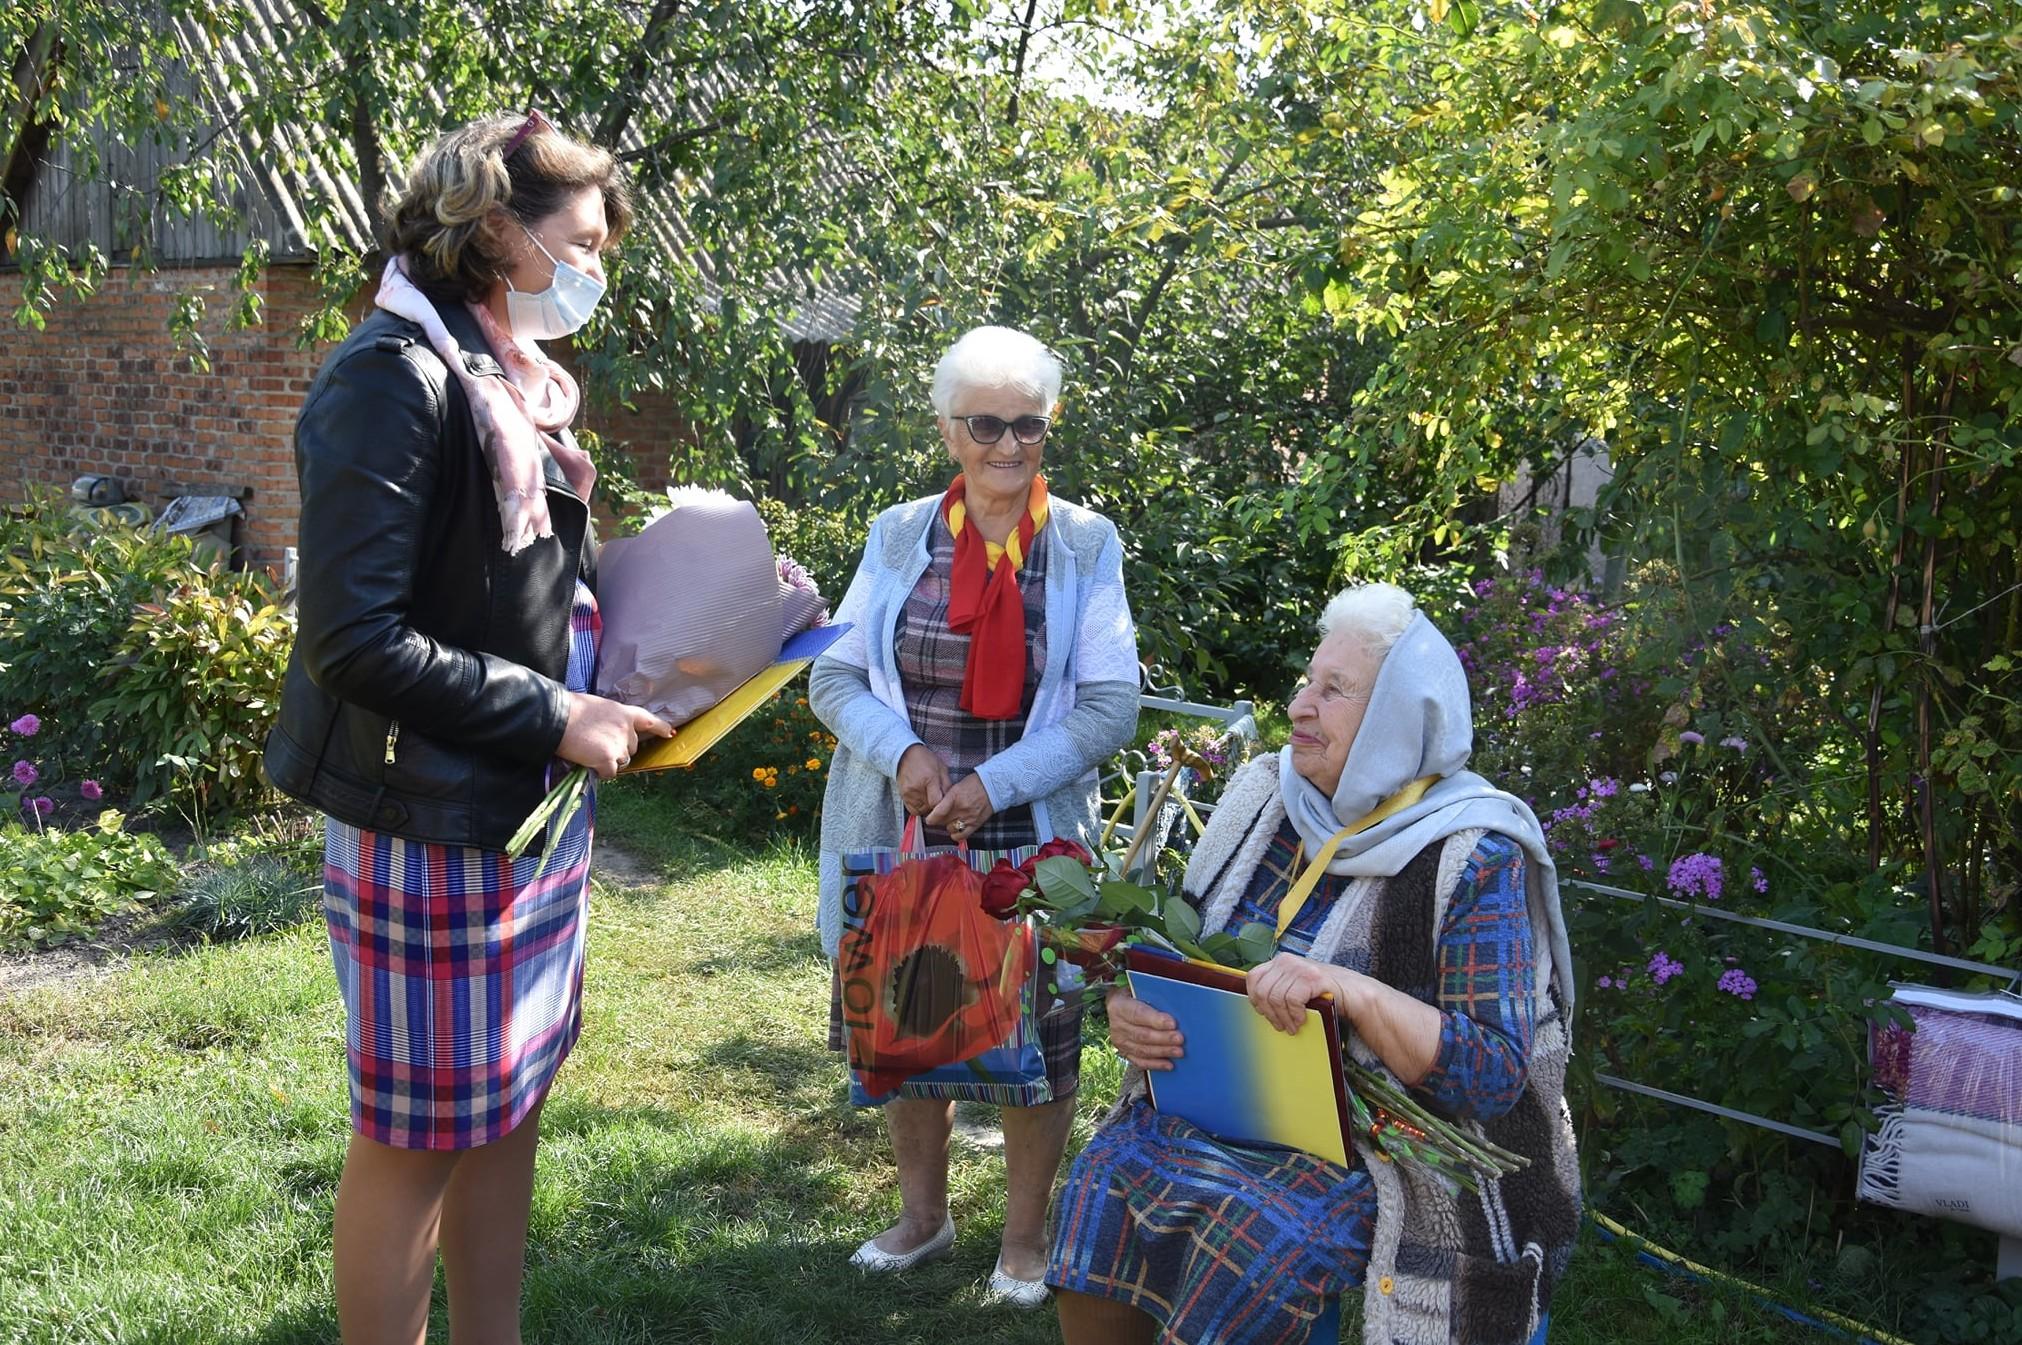 Жителька Носівки Марія Шовкун відзначила 100-літній ювілей